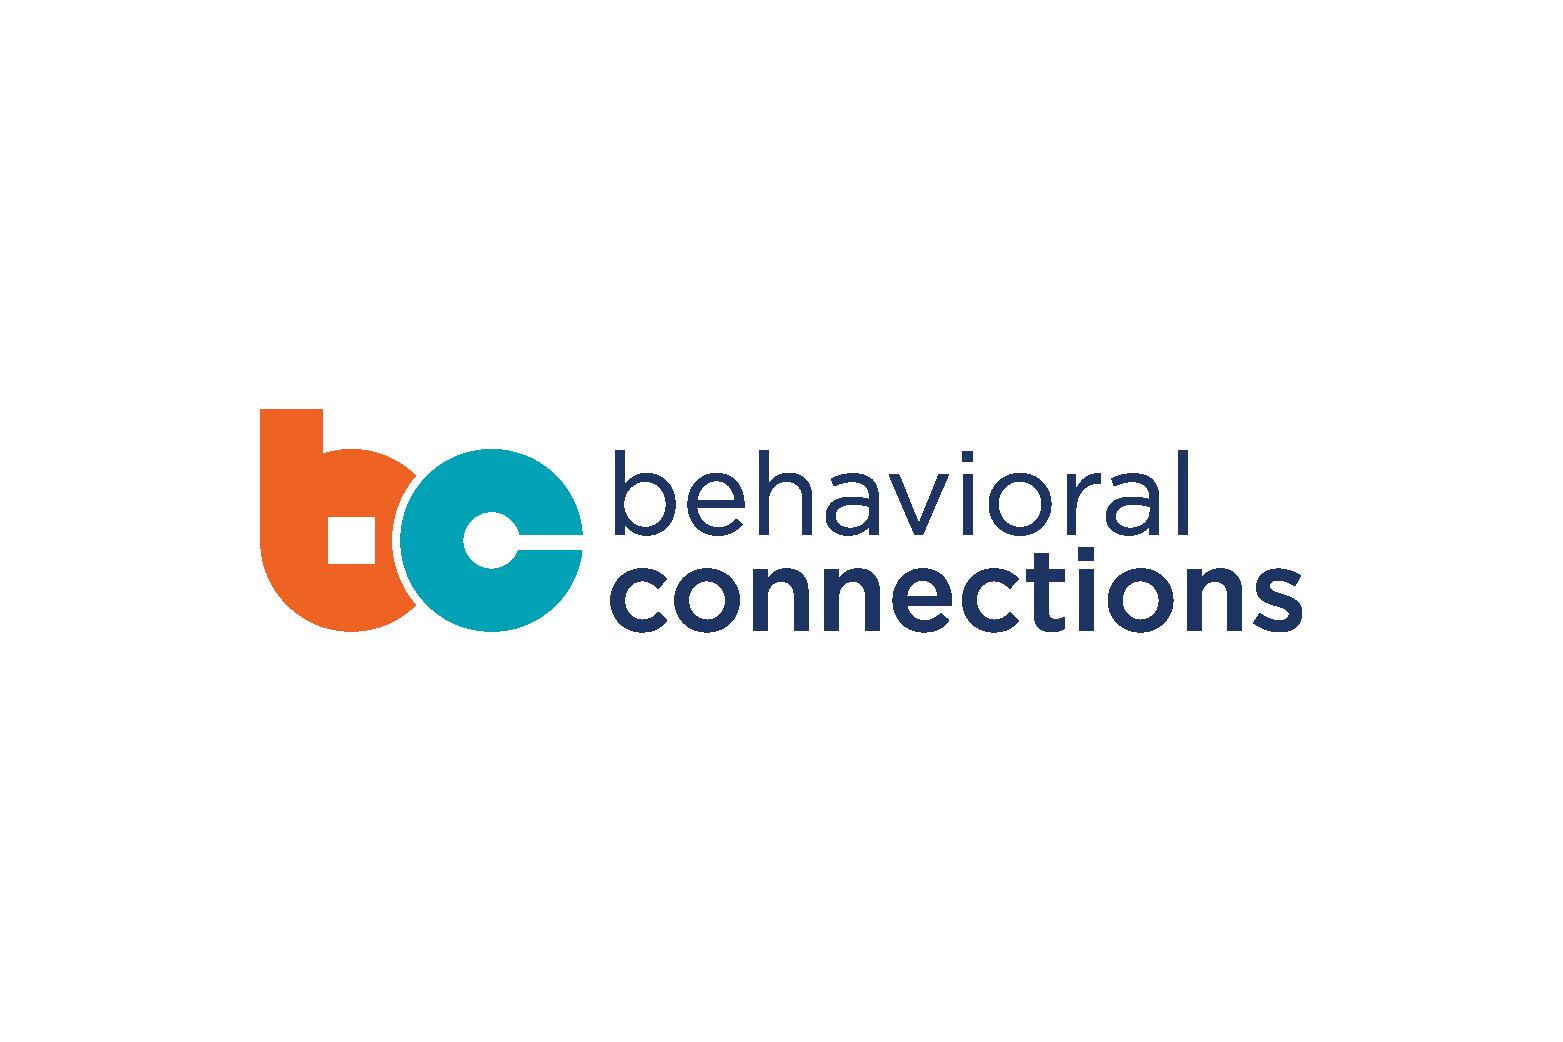 bc_logo-01.png